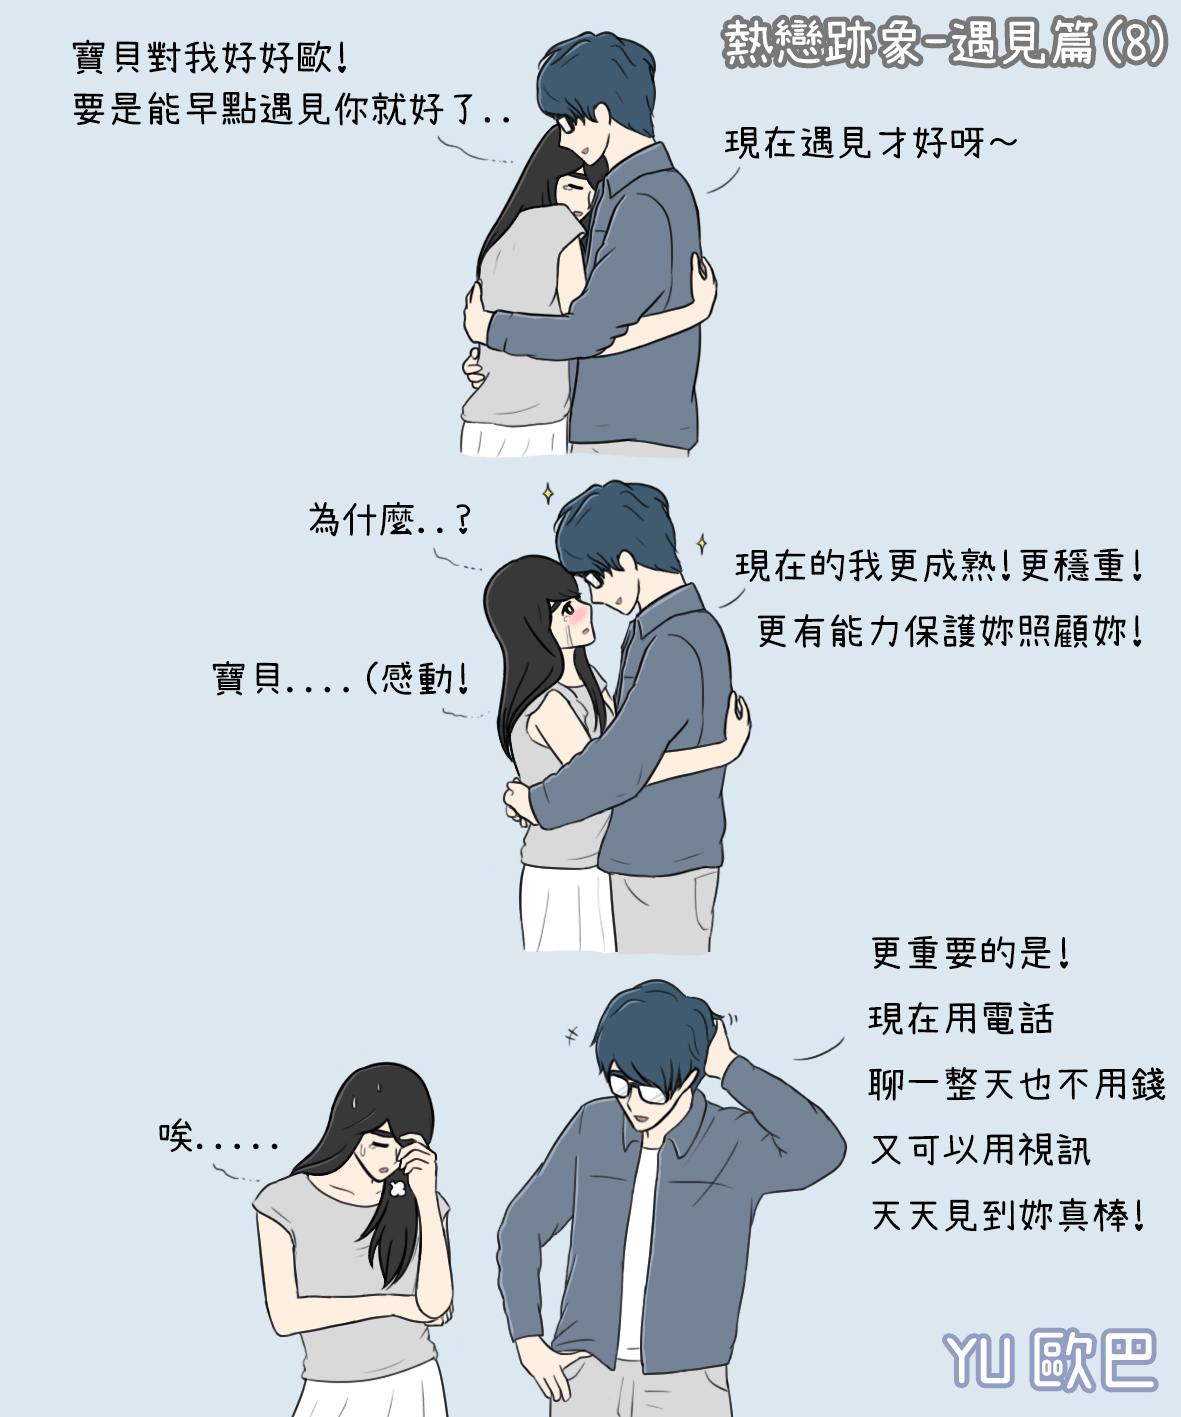 251熱戀跡象-遇見篇(8)中